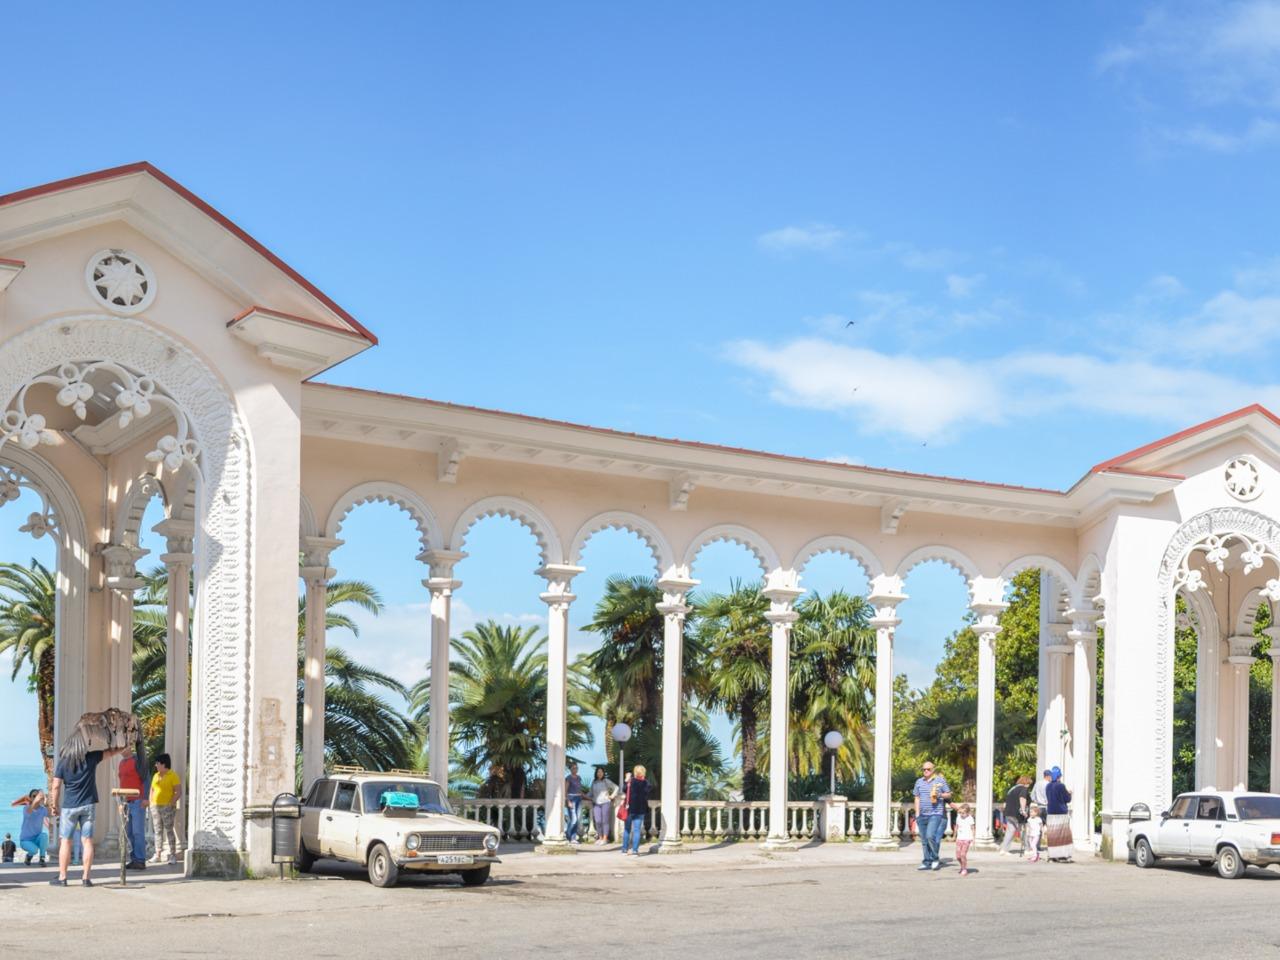 """Волшебная сказка под названием """"Абхазия"""" - групповая экскурсия в Сочи от опытного гида"""